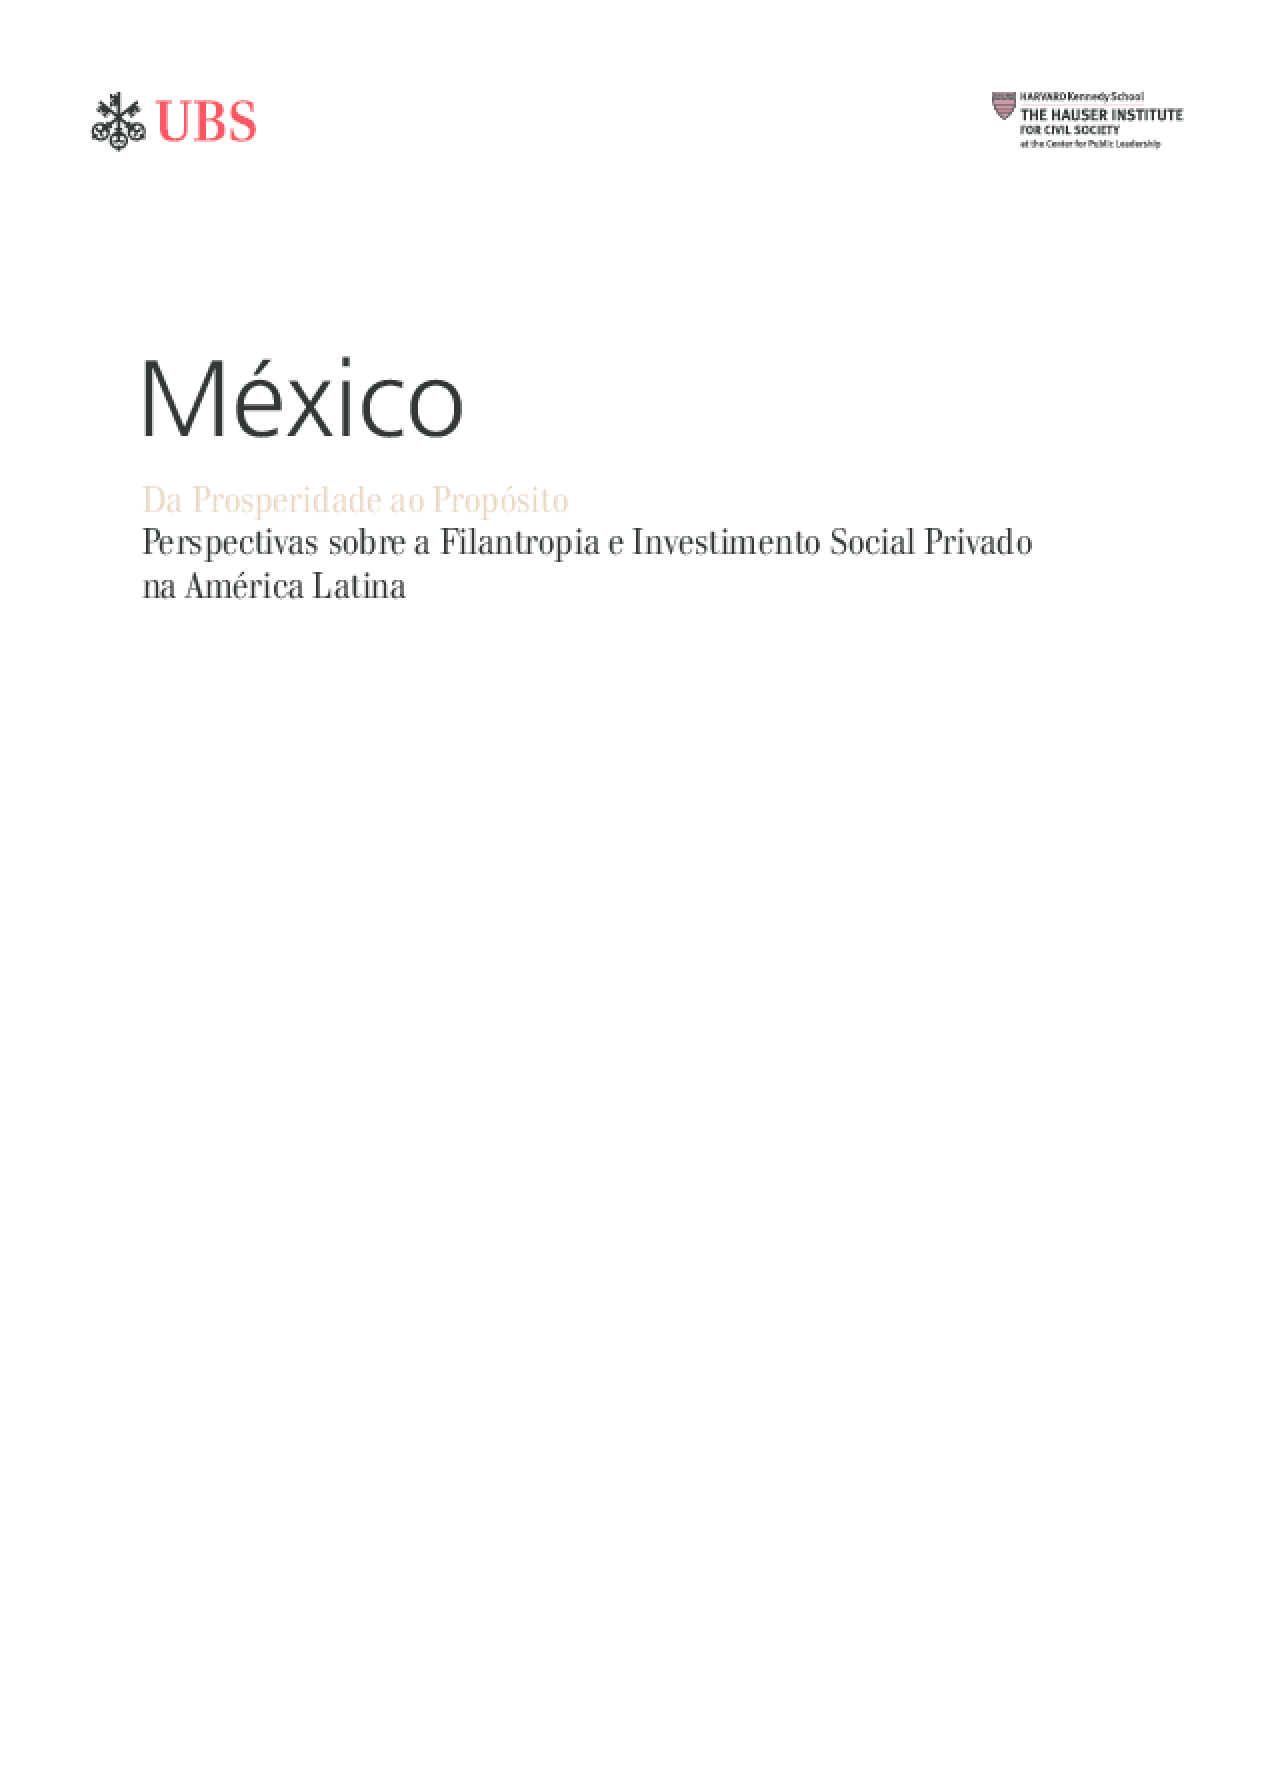 Da Prosperidade ao Propósito: Perspectivas sobre a Filantropia e Investimento Social Privado na América Latina - México